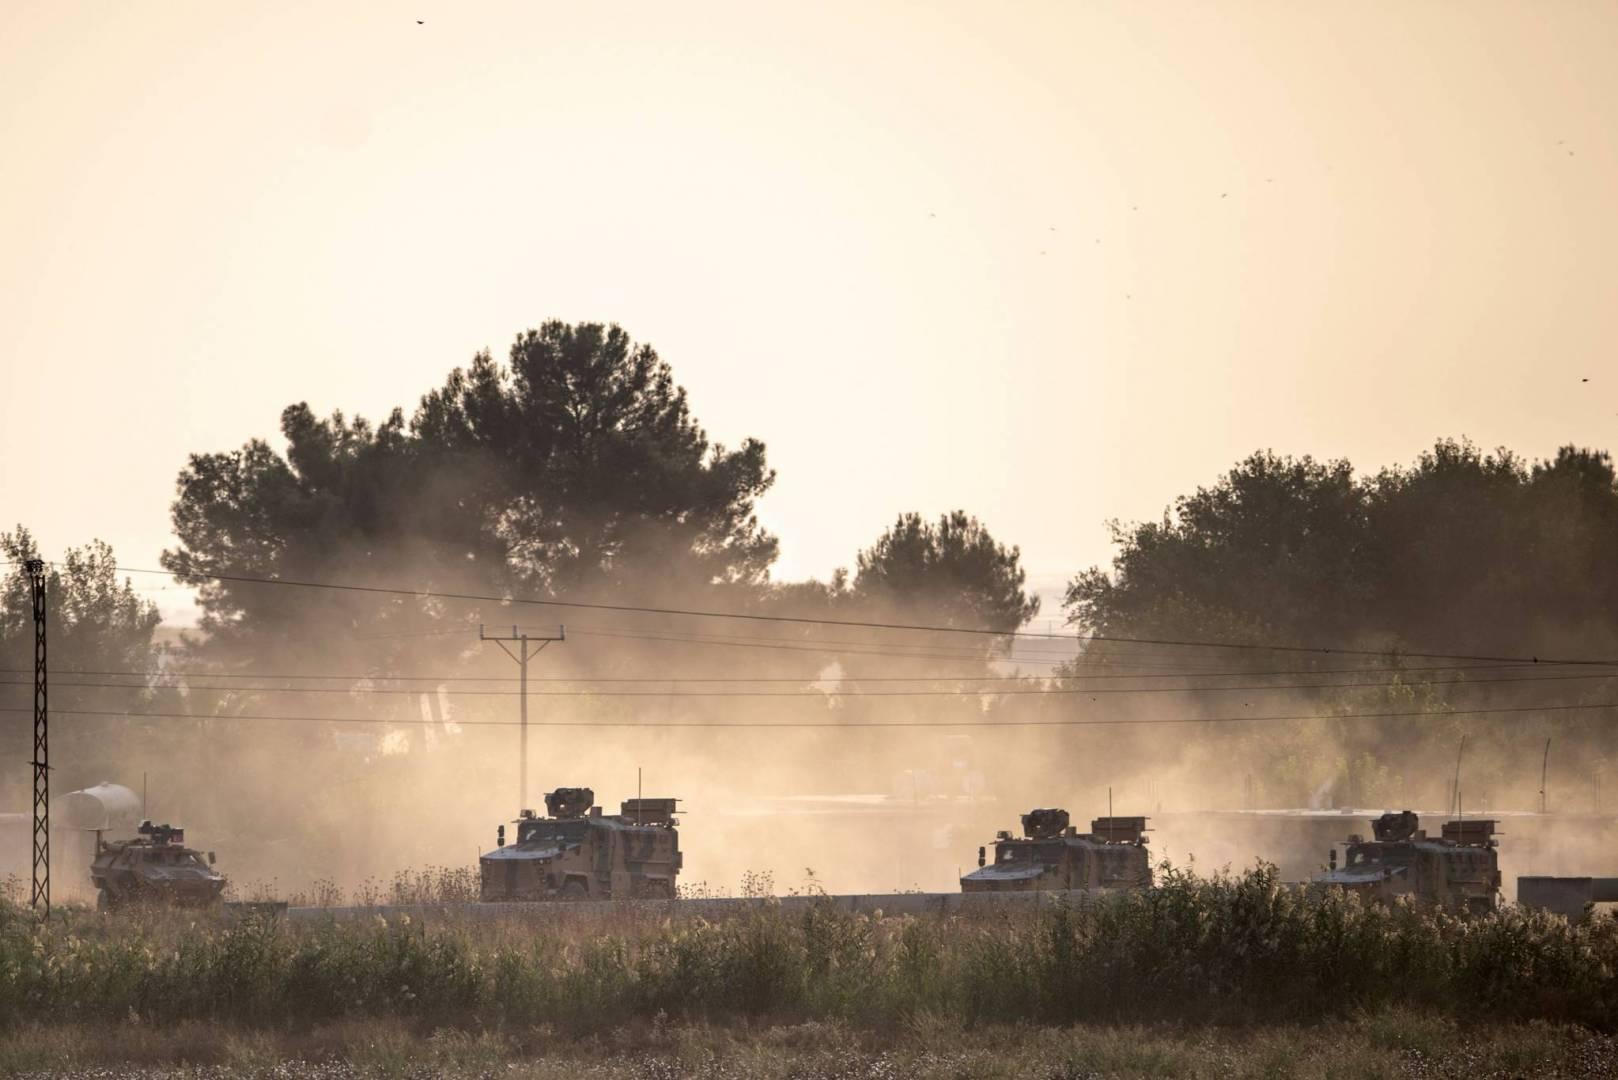 الإمارات والبحرين ومصر والعراق يدينون العملية العسكرية التركية على سوريا